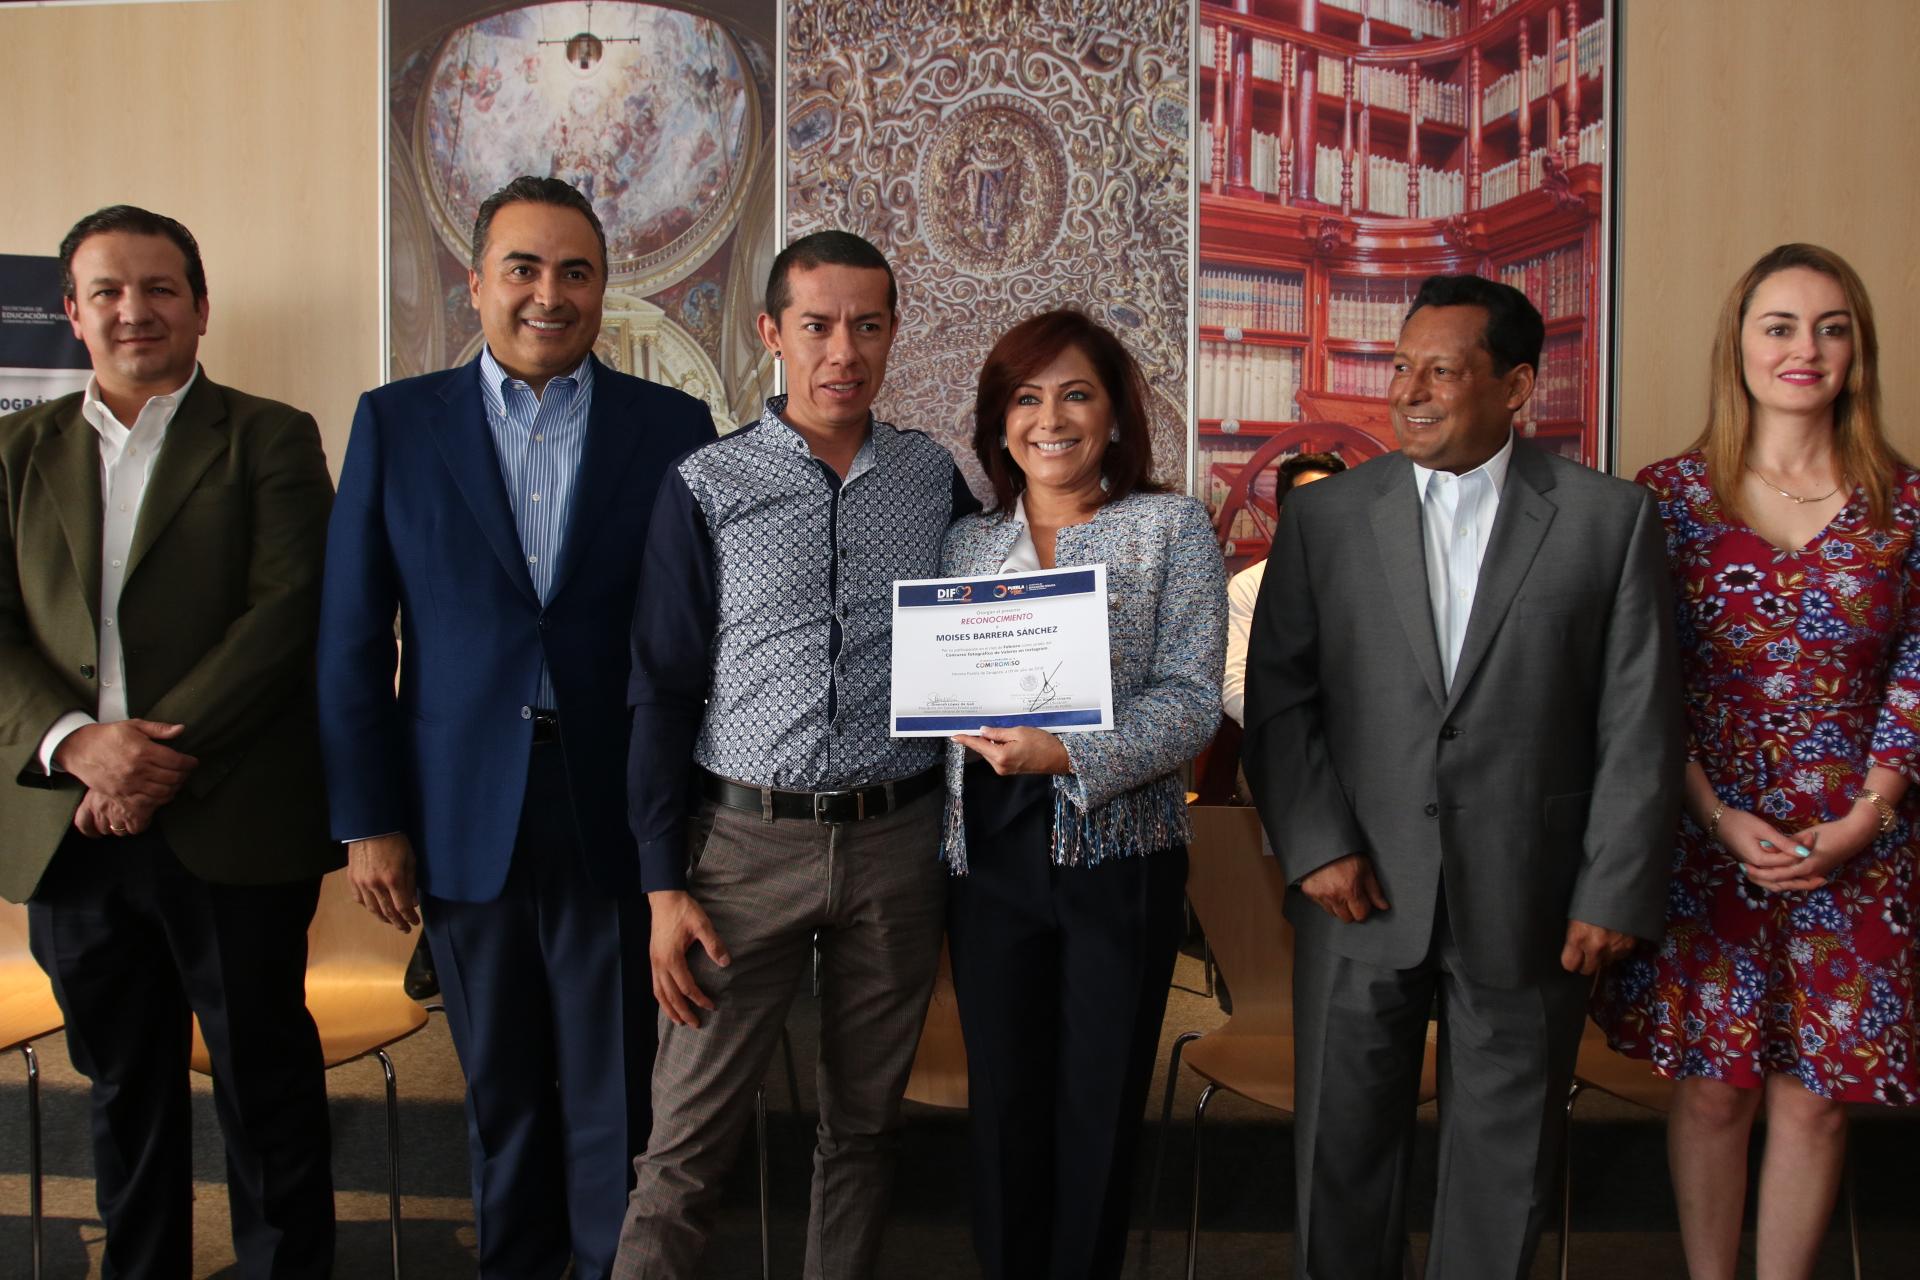 SEDIF premia a ganadores de concurso sobre valores en Instagram